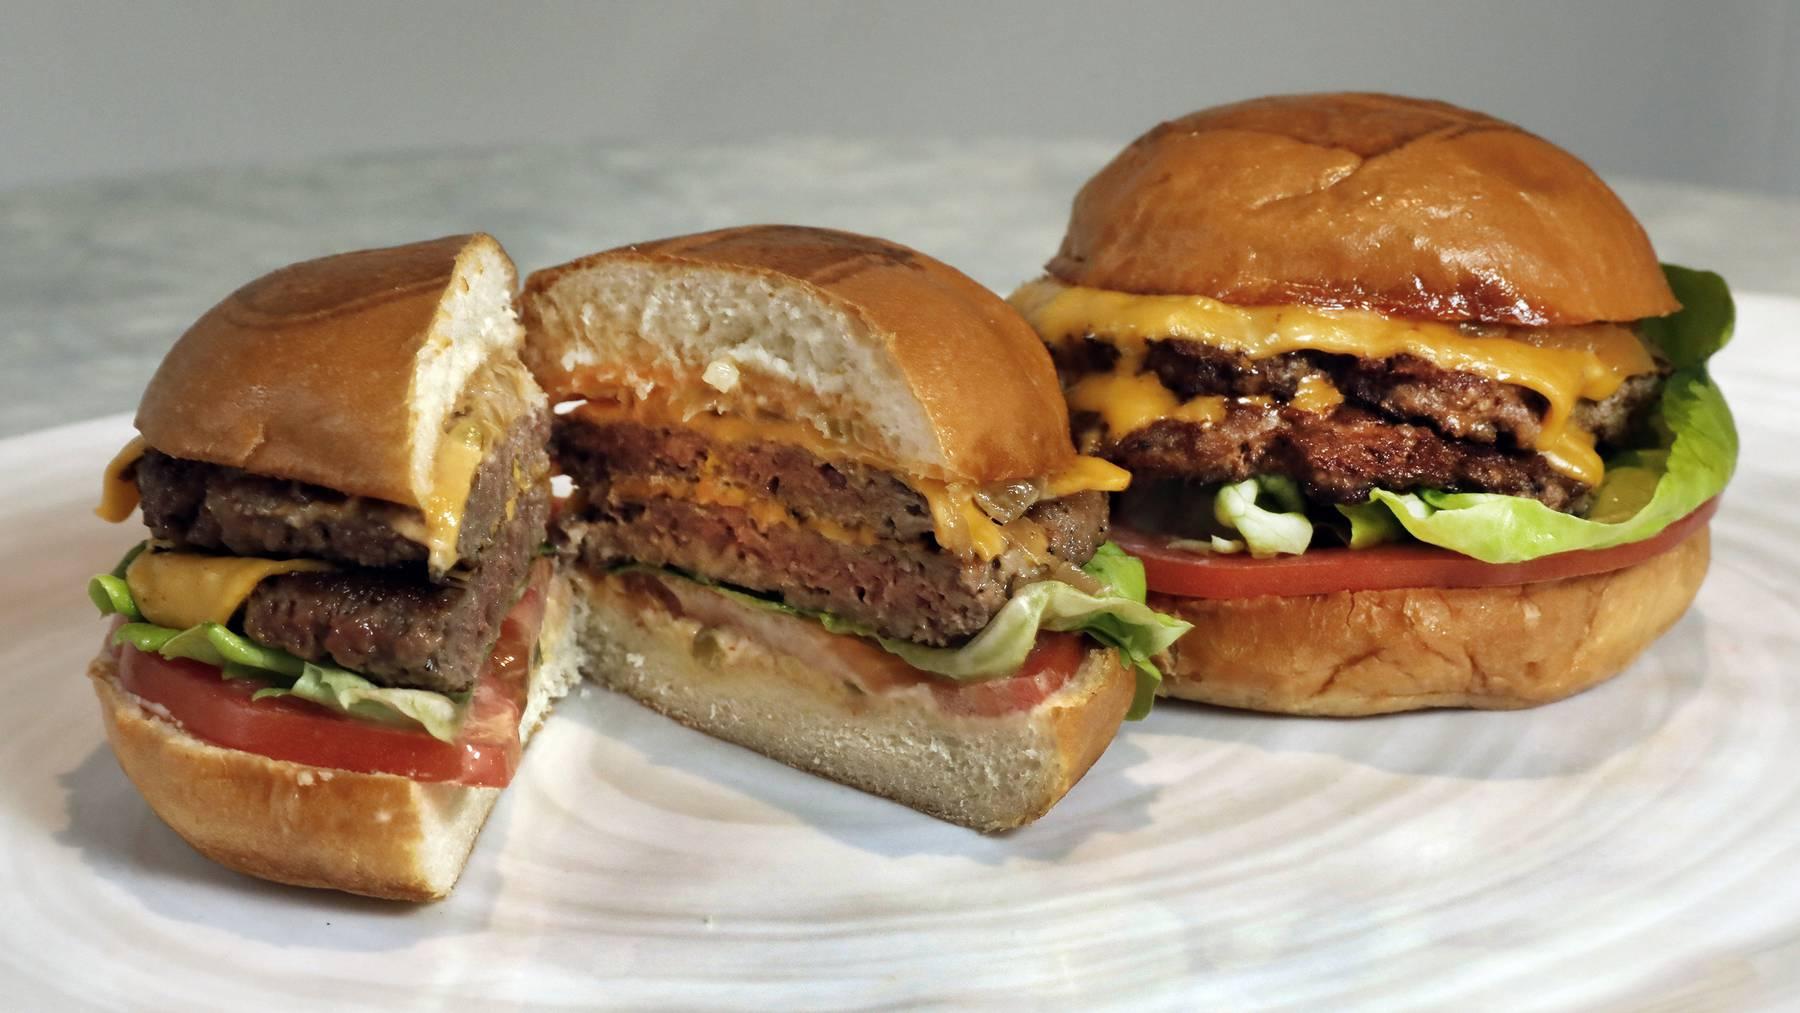 Vegane Burger der Marke Impossible Foods, die in der Schweiz nicht zugelassen sind.